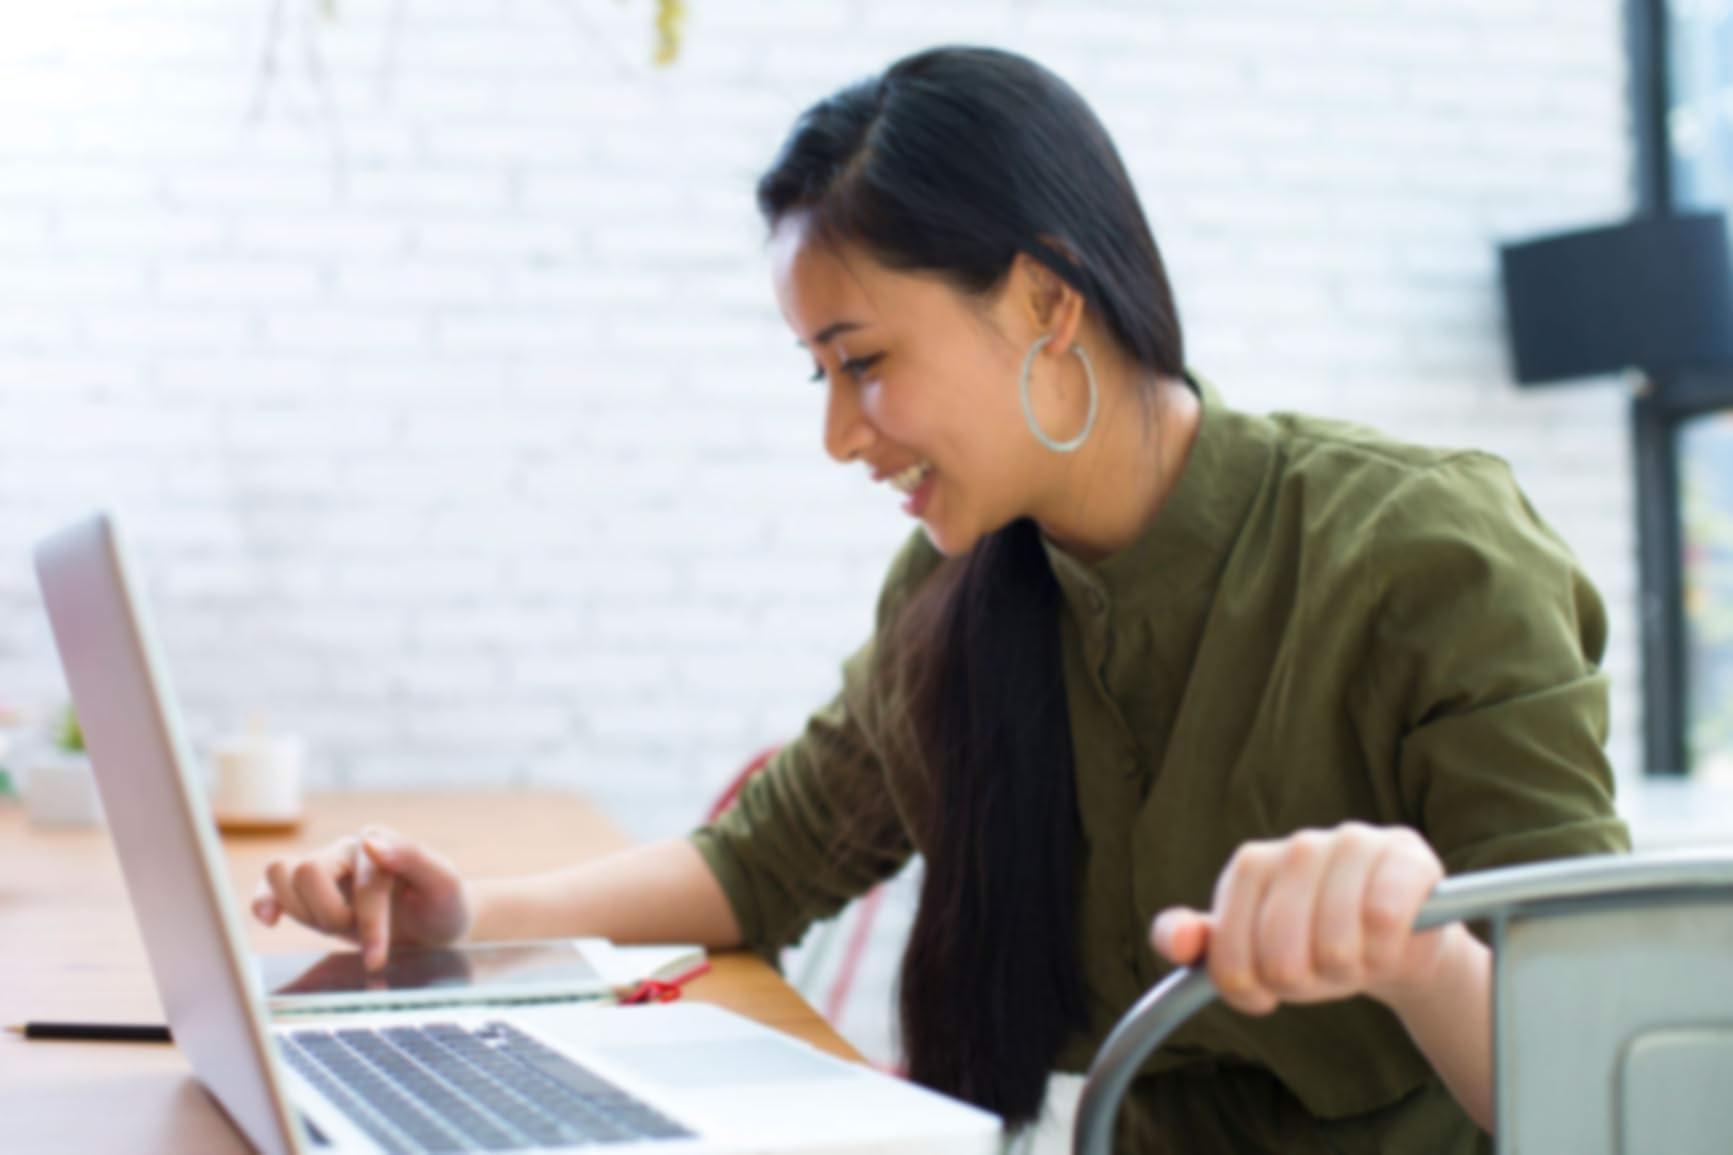 امرأة شابة تمرر على شاشة كمبيوتر لوحي أثناء الجلوس على طاولة عليها جهاز كمبيوتر محمول.